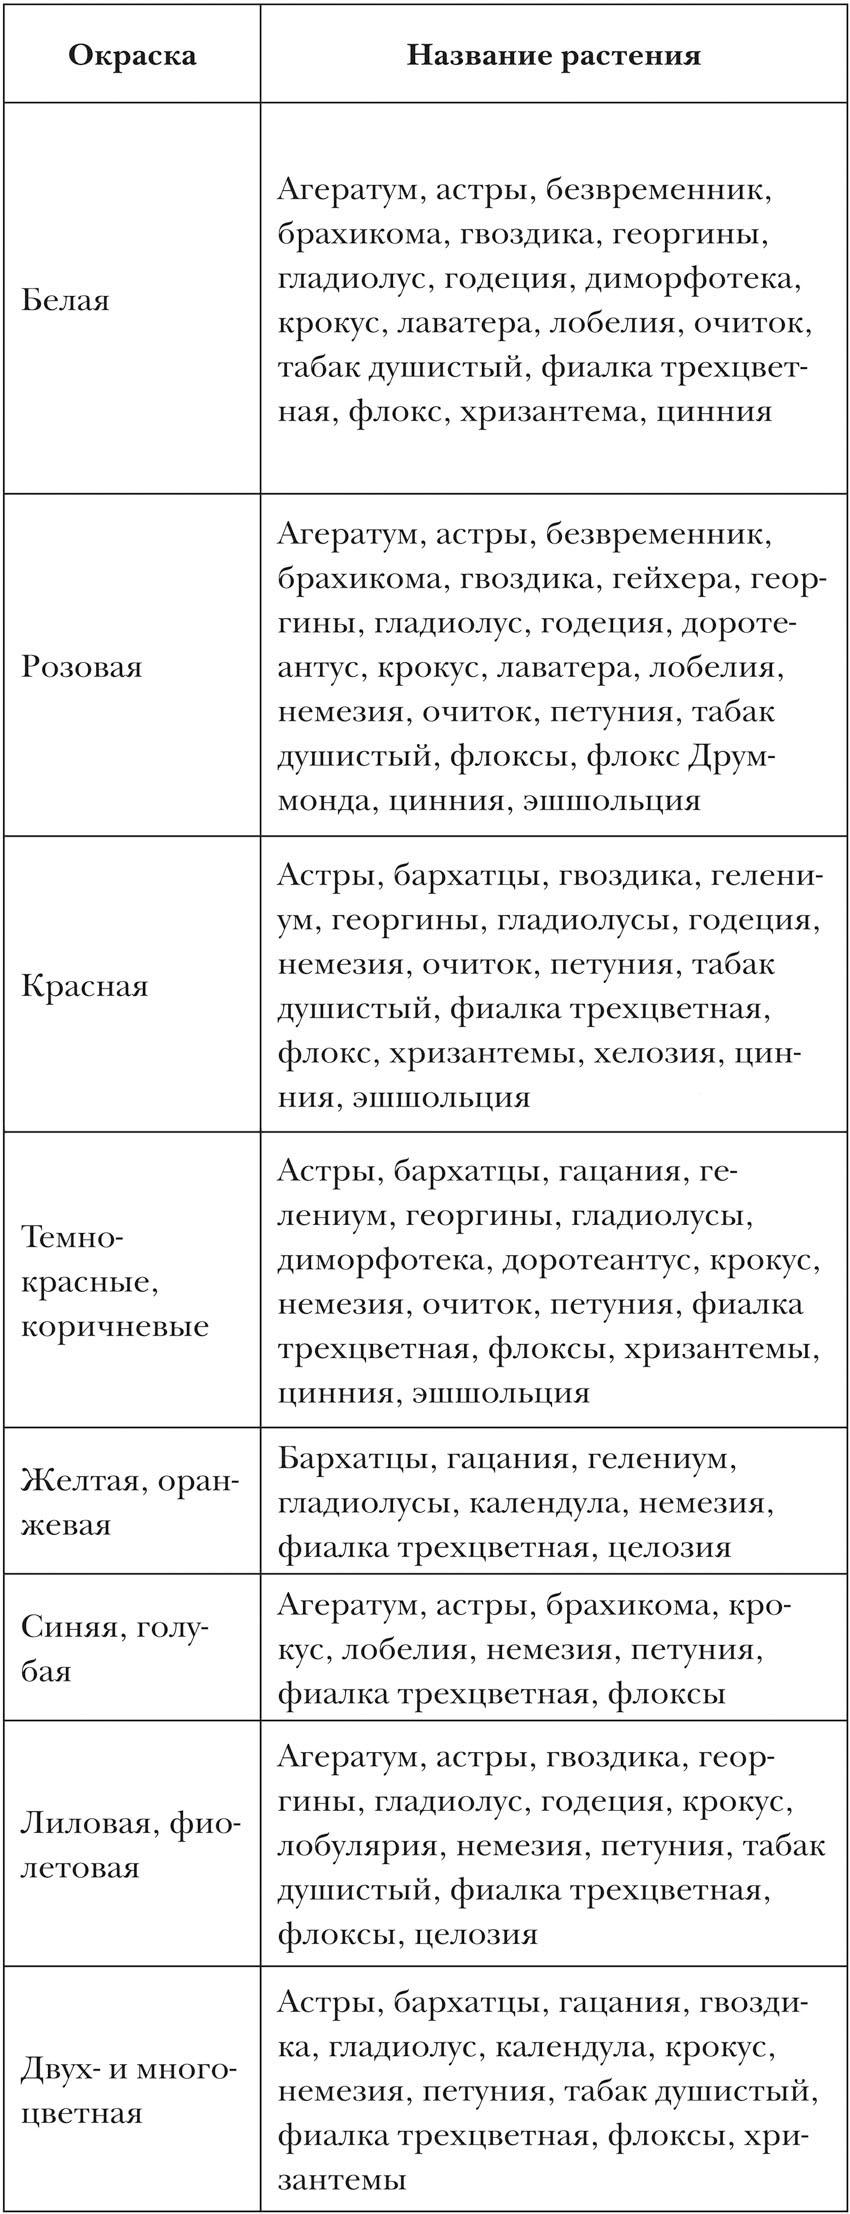 Хризантемы астры георгины и другие